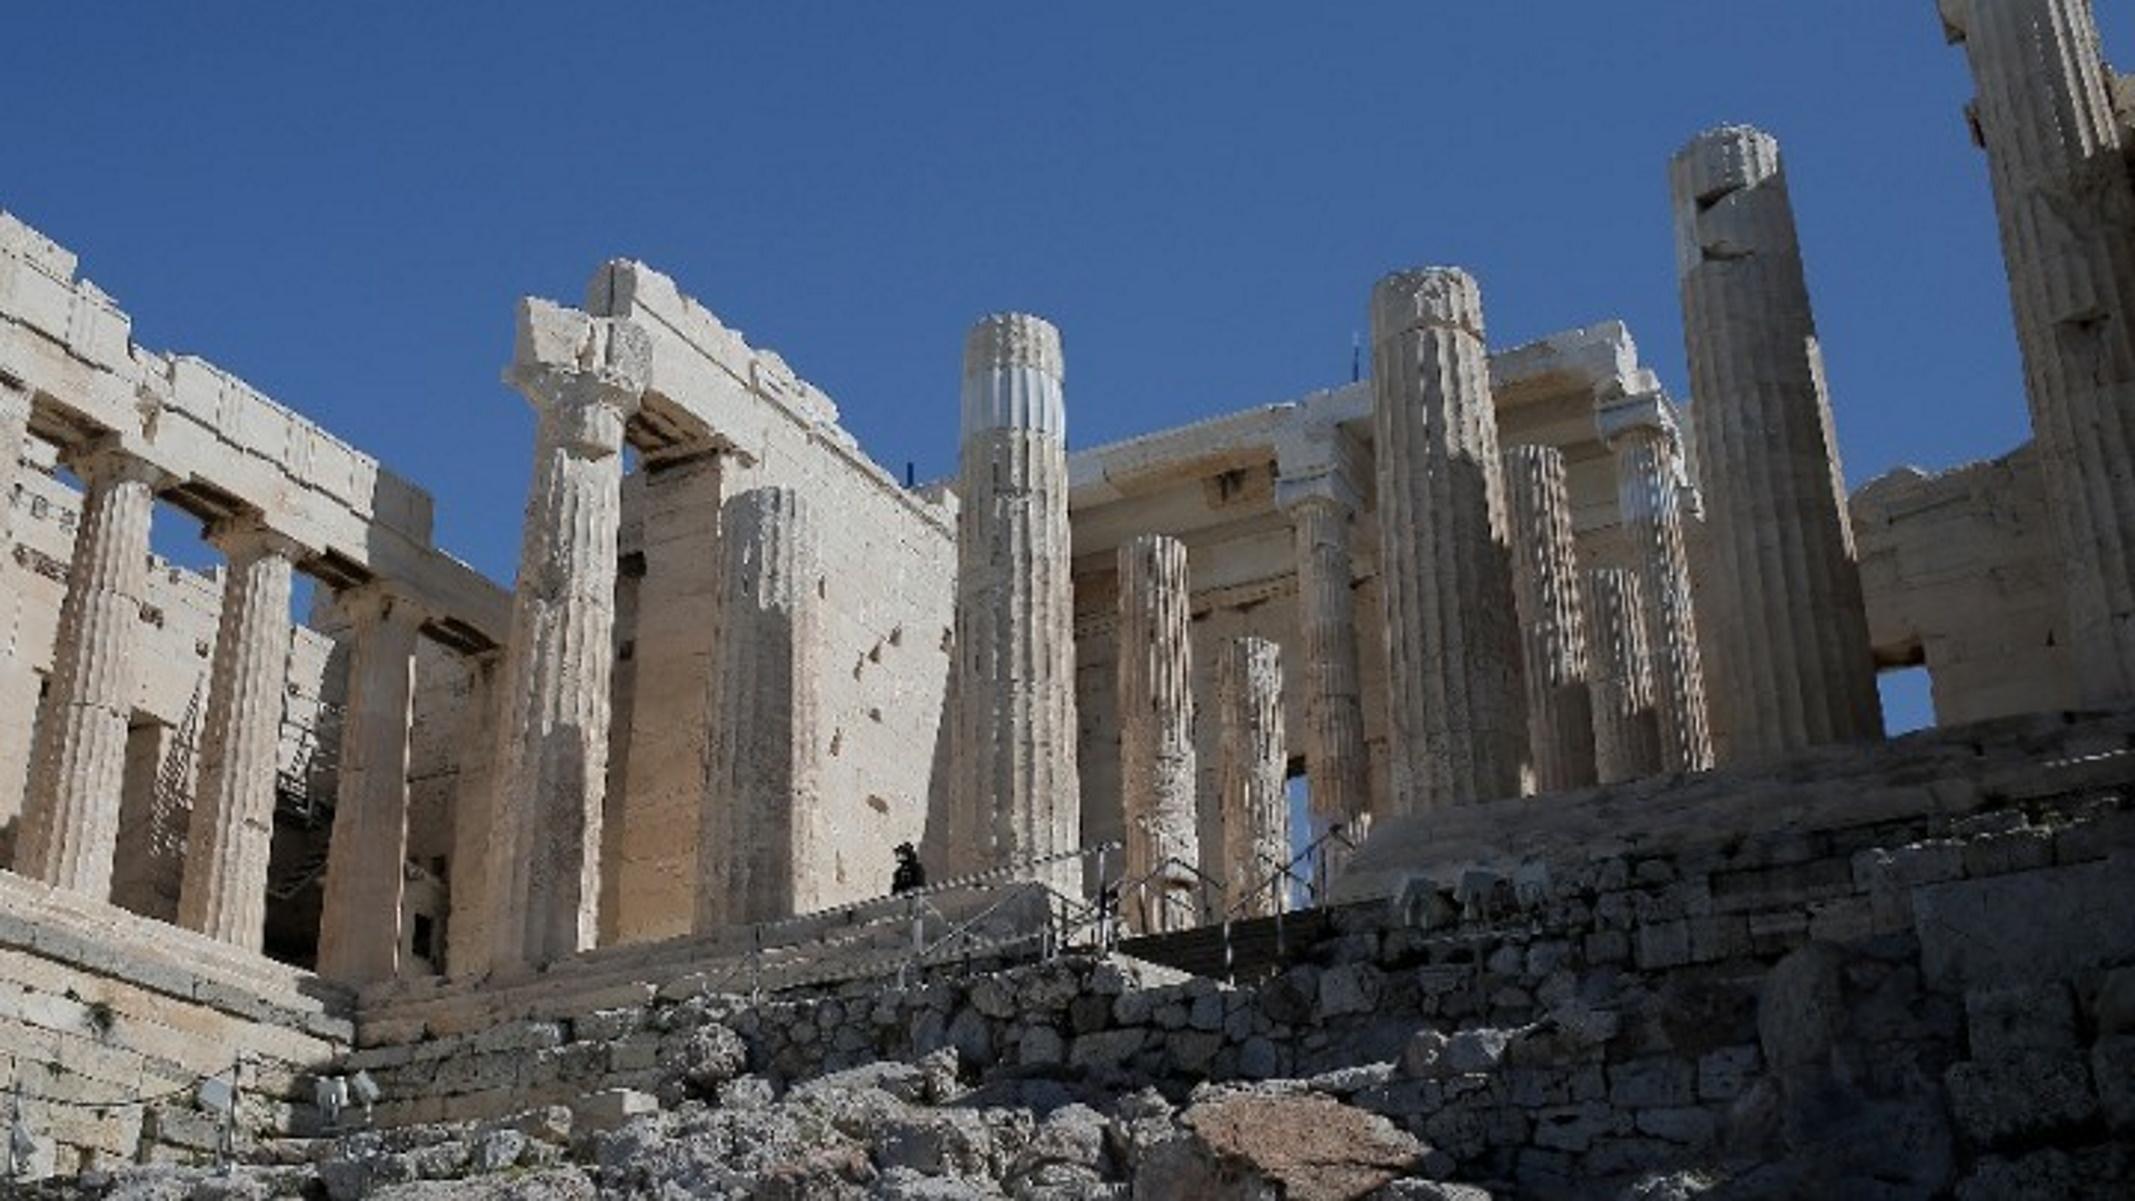 Πάσχα – Πρωτομαγιά: Πώς θα λειτουργήσουν οι αρχαιολογικοί χώροι